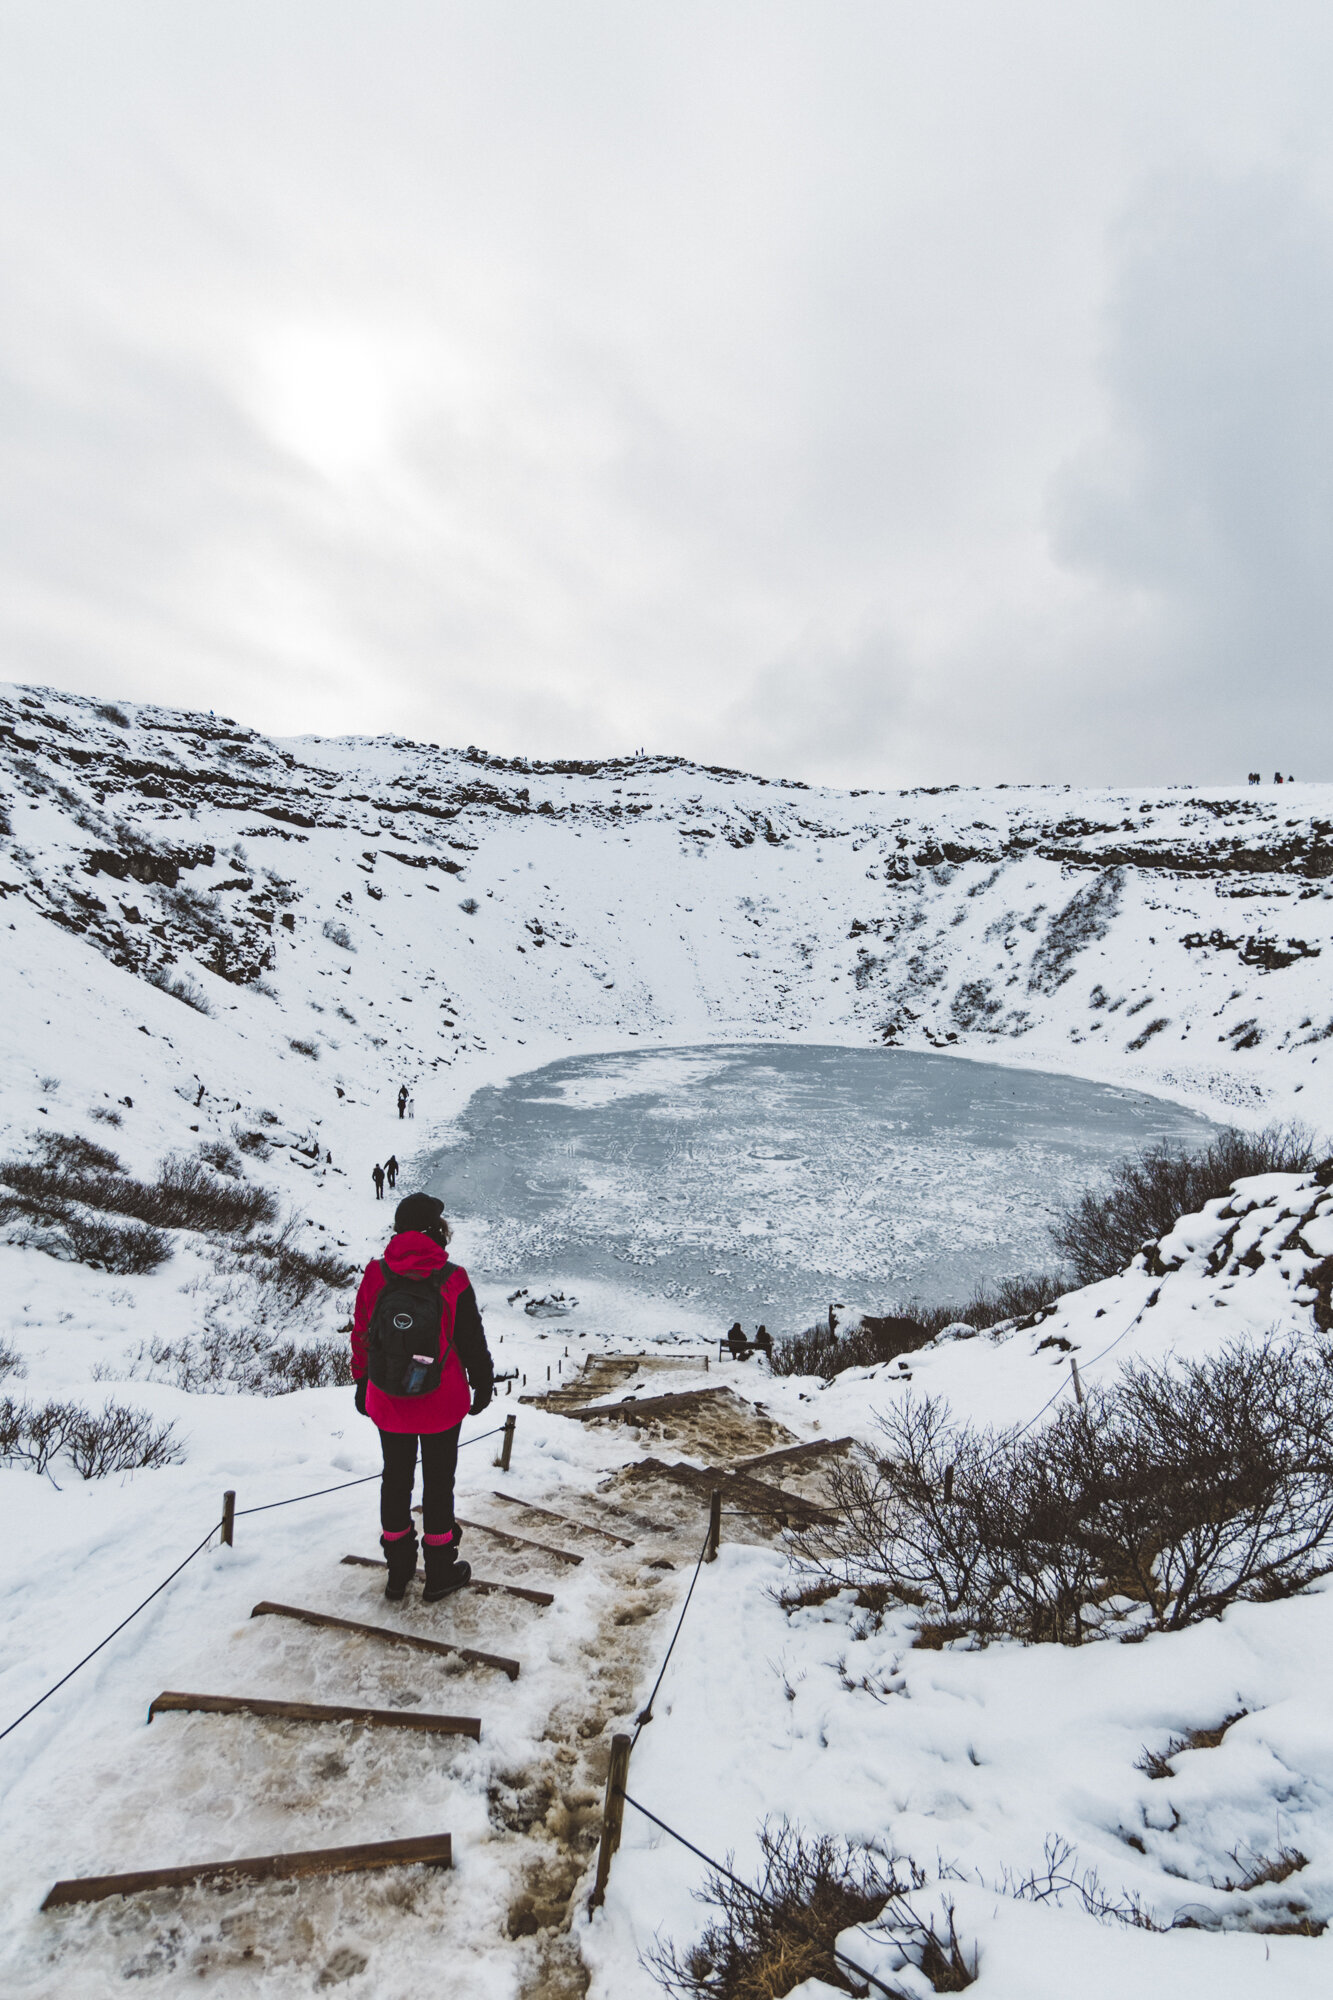 站立在冰冷的步的桃红色外套的人看雪和灌木围拢的一个冻蓝色火山口湖